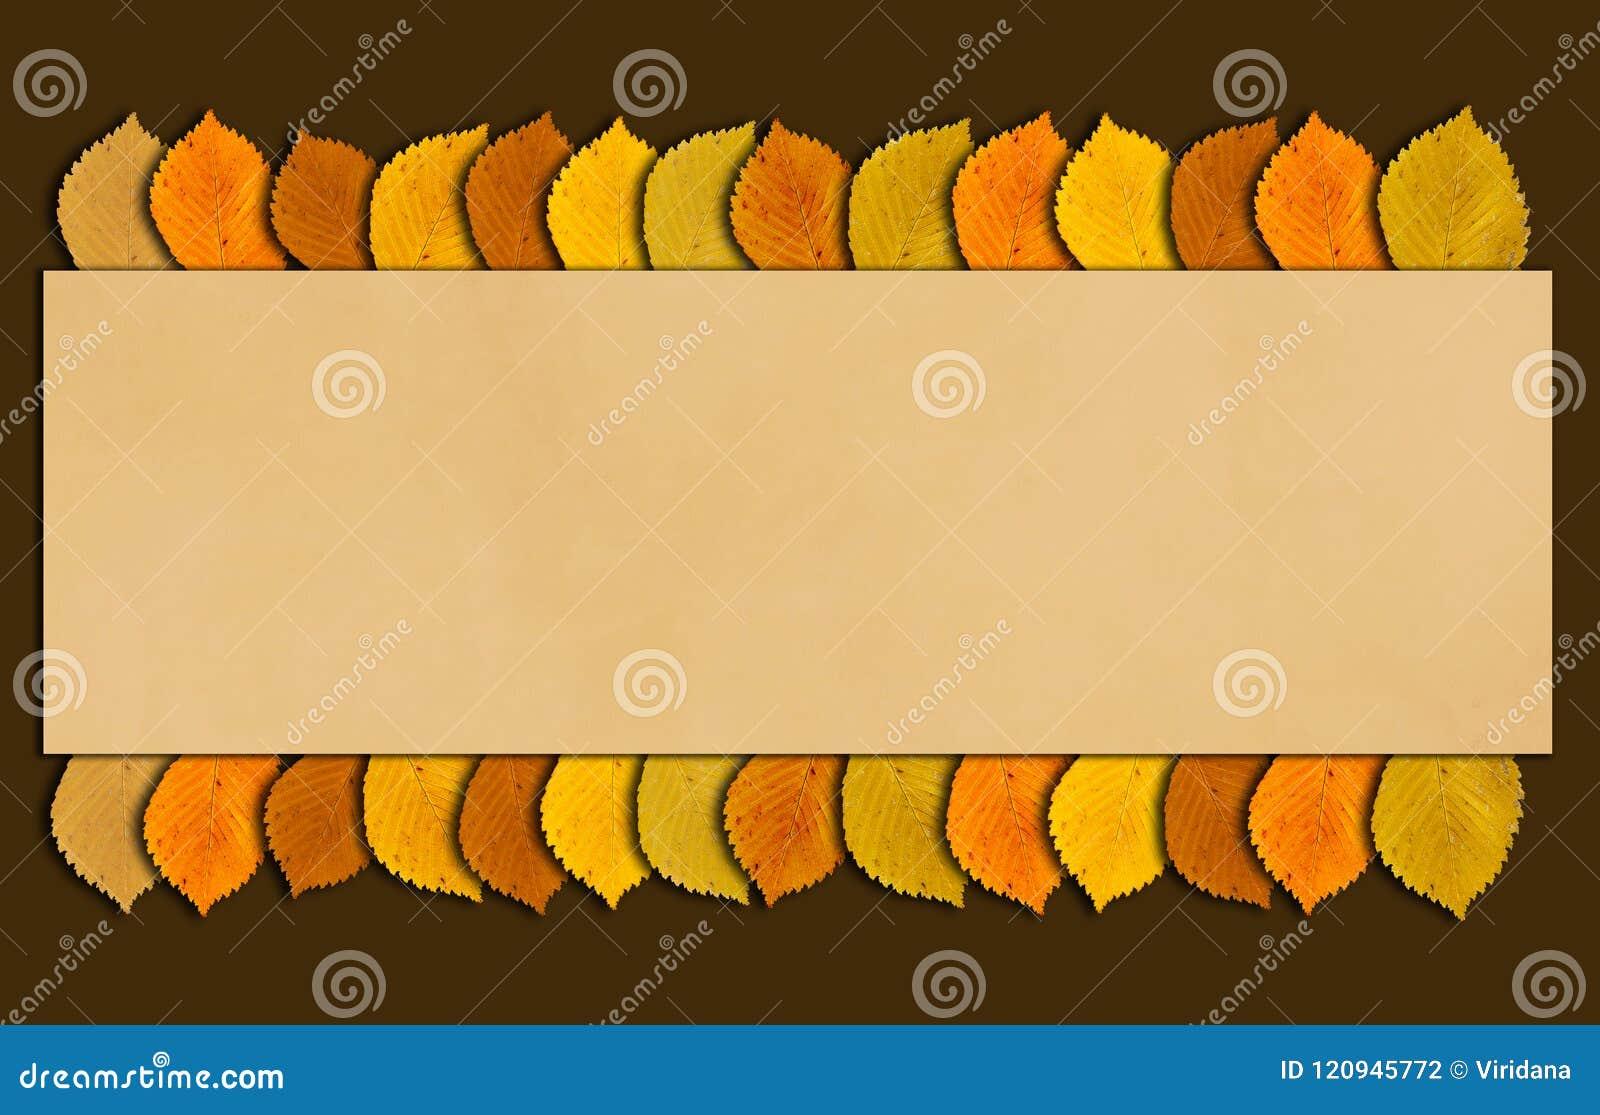 Herbst- und Danksagungsrahmen mit Herbst färbte Blätter Abfallzeithintergrund mit Kopienraum für Ihren Text